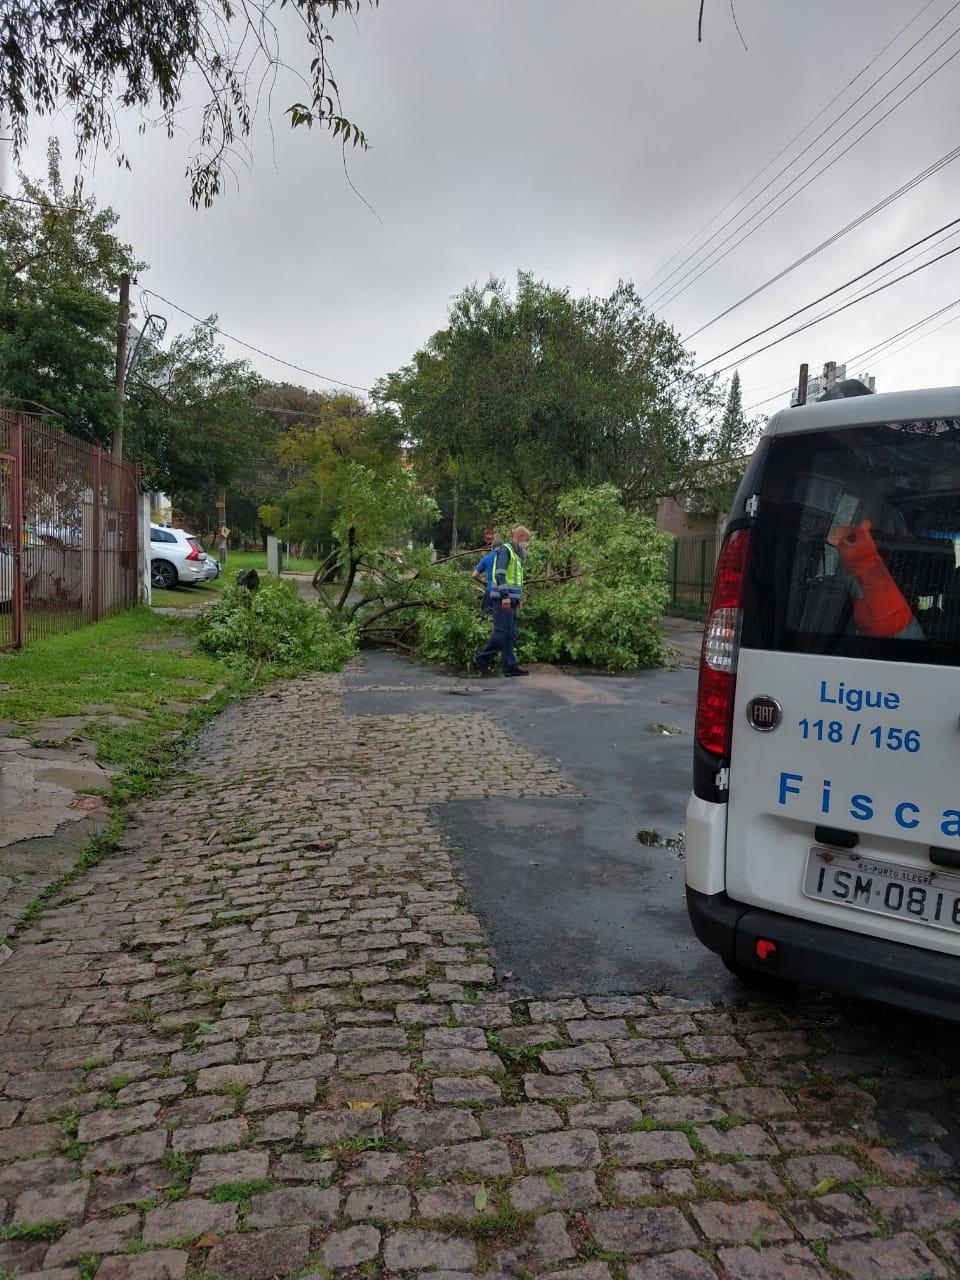 Quedas de árvores Porto Alegre